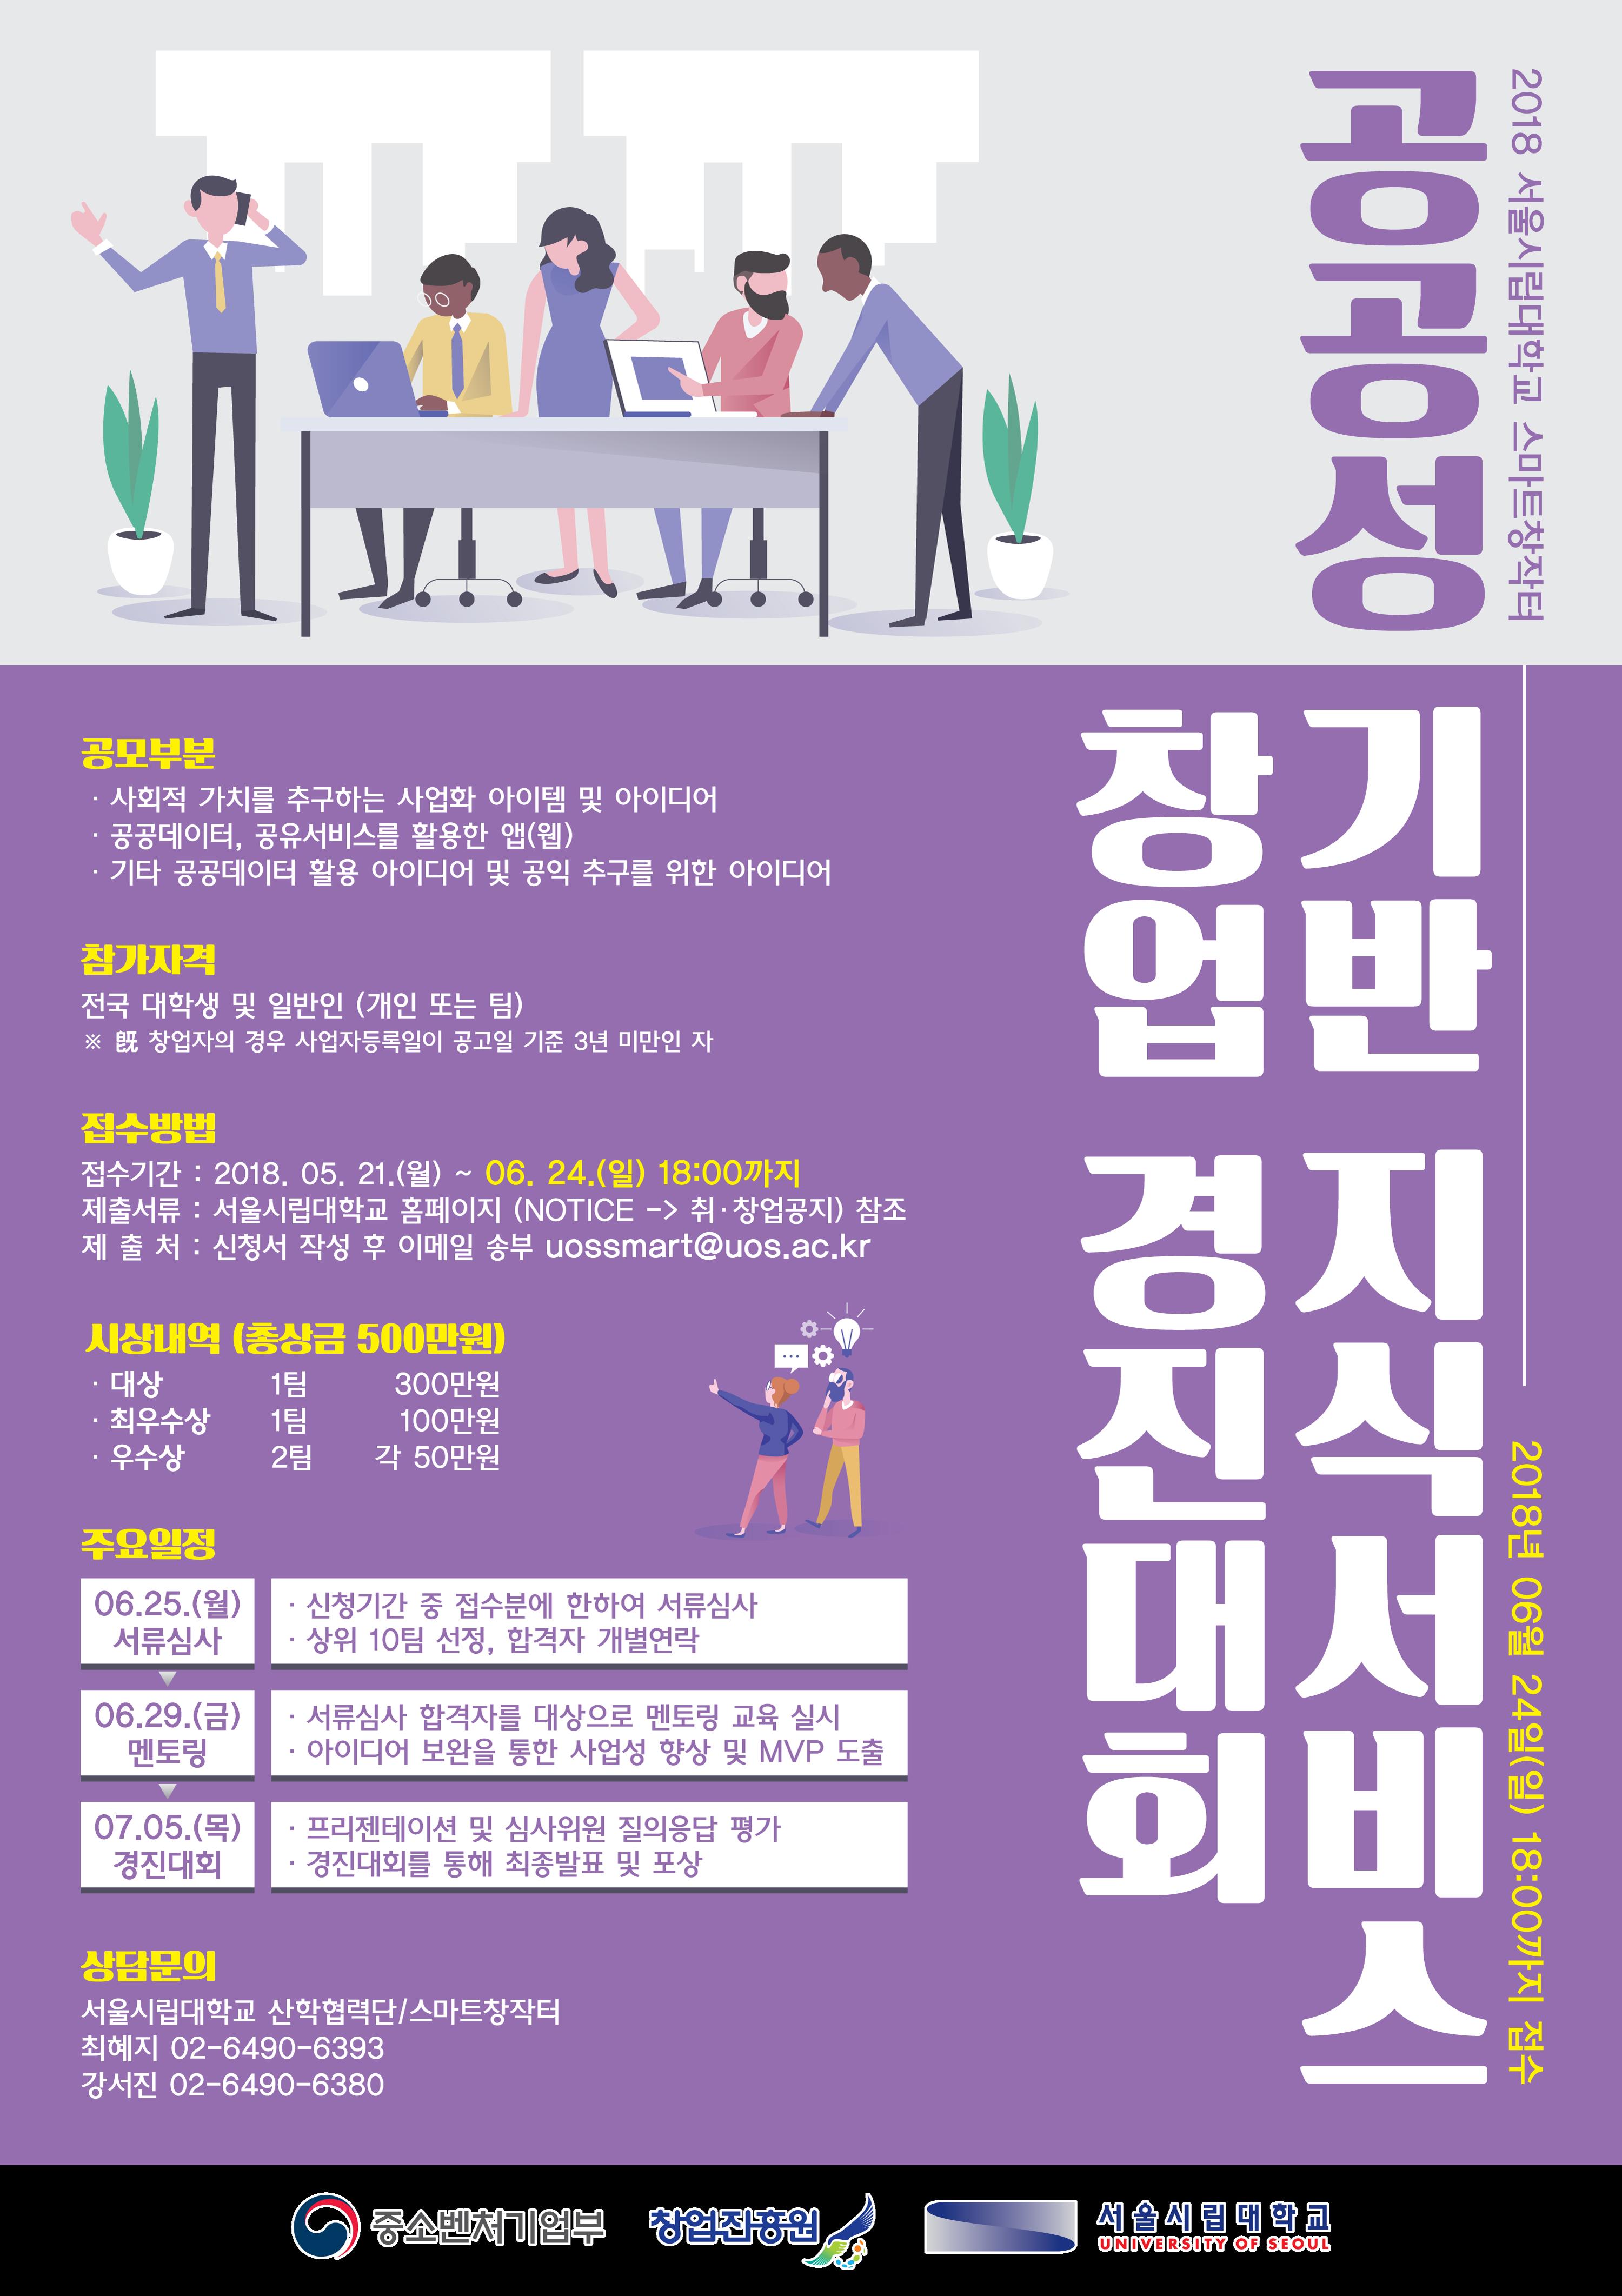 [스마트창작터] 2018 서울시립대학교 스마트창작터 공공성 기반 지식서비스 창업경진대회 참가안내